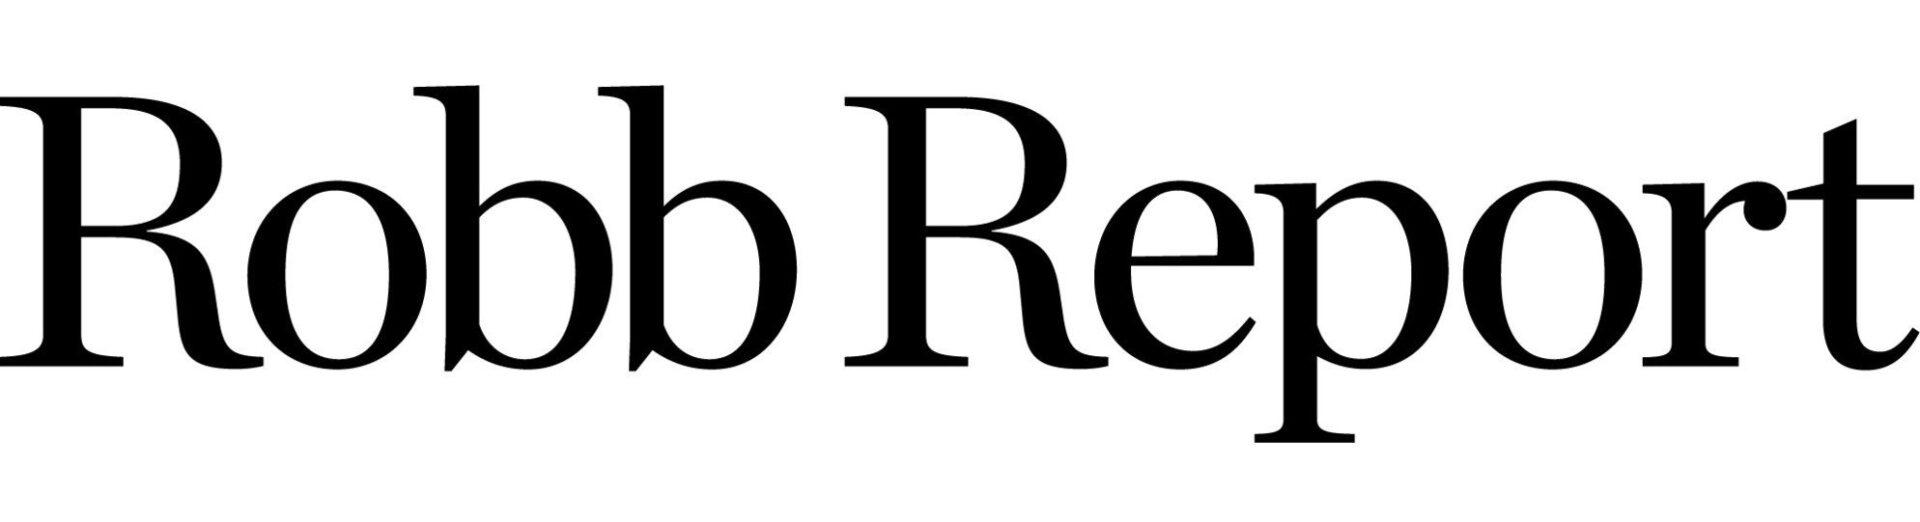 Robb-Report-e1519960664556